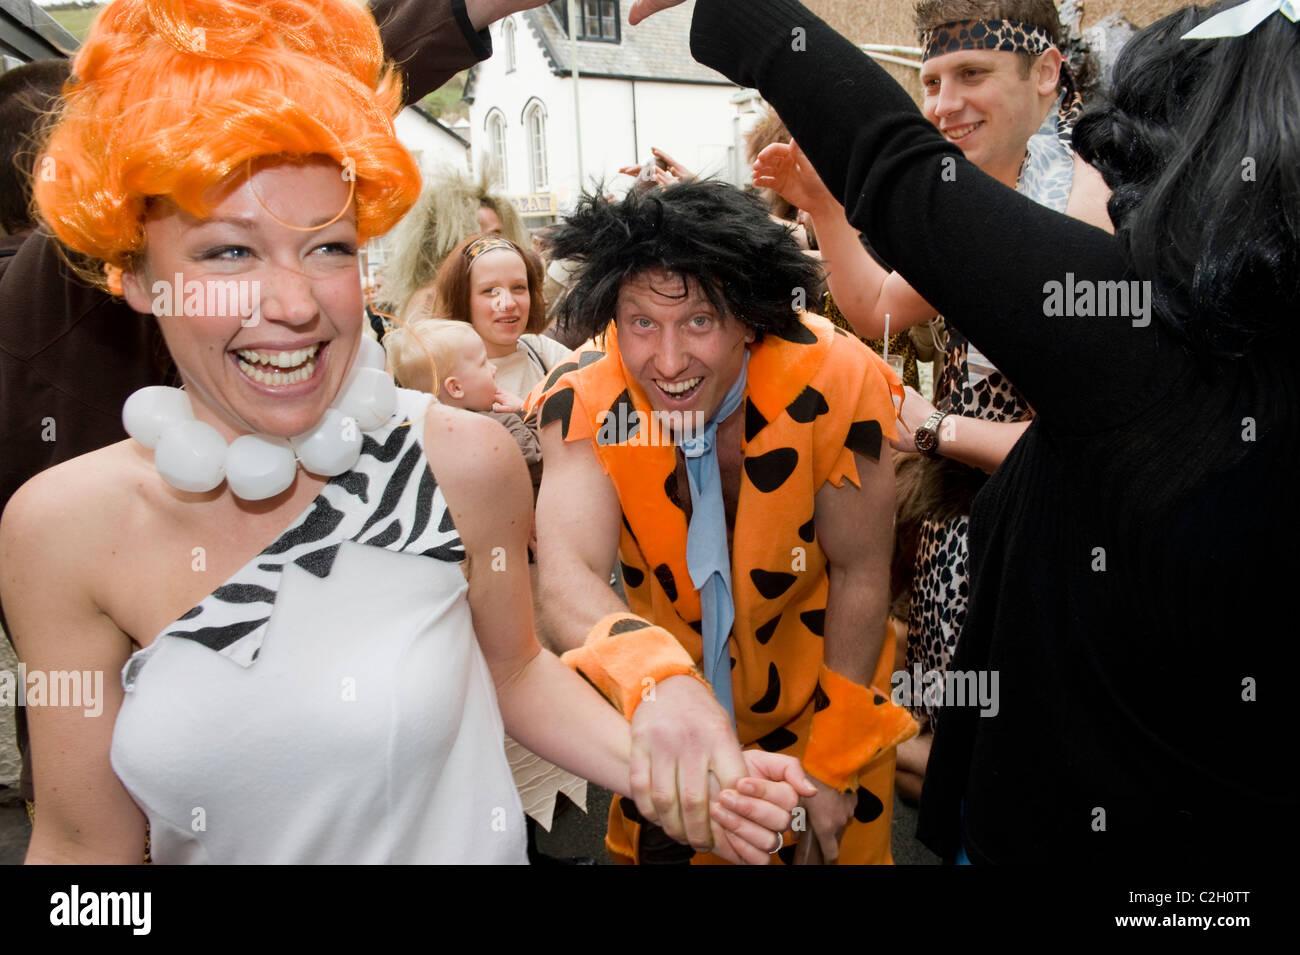 Ed Robinson (34) (Fred)y Gayle Watson (29) (Thelma) en sus picapiedras boda temática en Combe Martin, Devon, Imagen De Stock